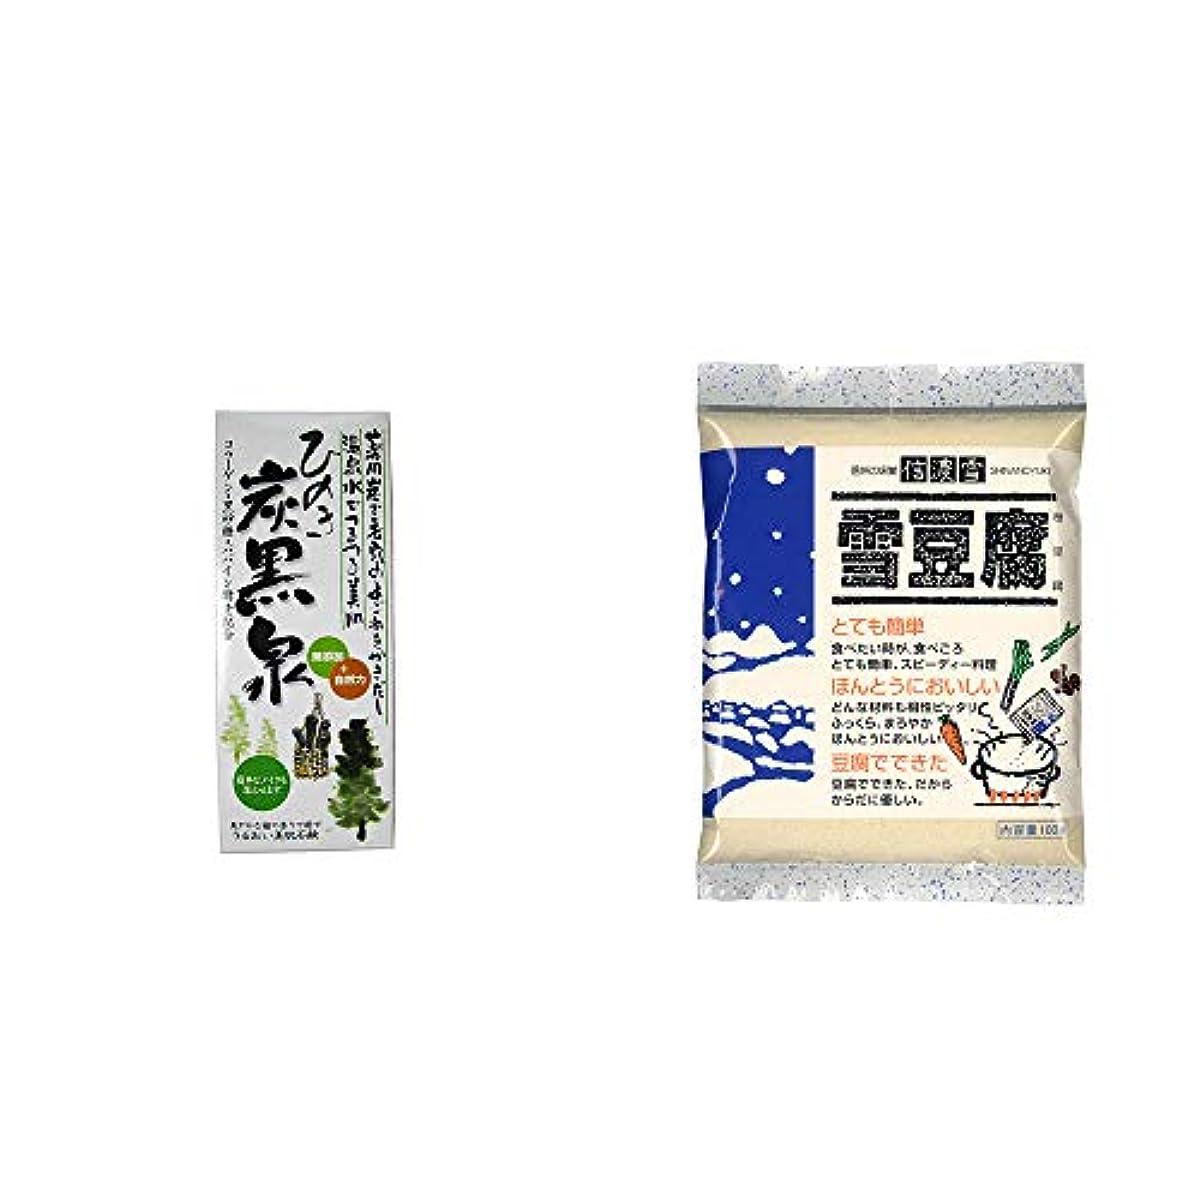 迷彩ジム比類なき[2点セット] ひのき炭黒泉 箱入り(75g×3)?信濃雪 雪豆腐(粉豆腐)(100g)